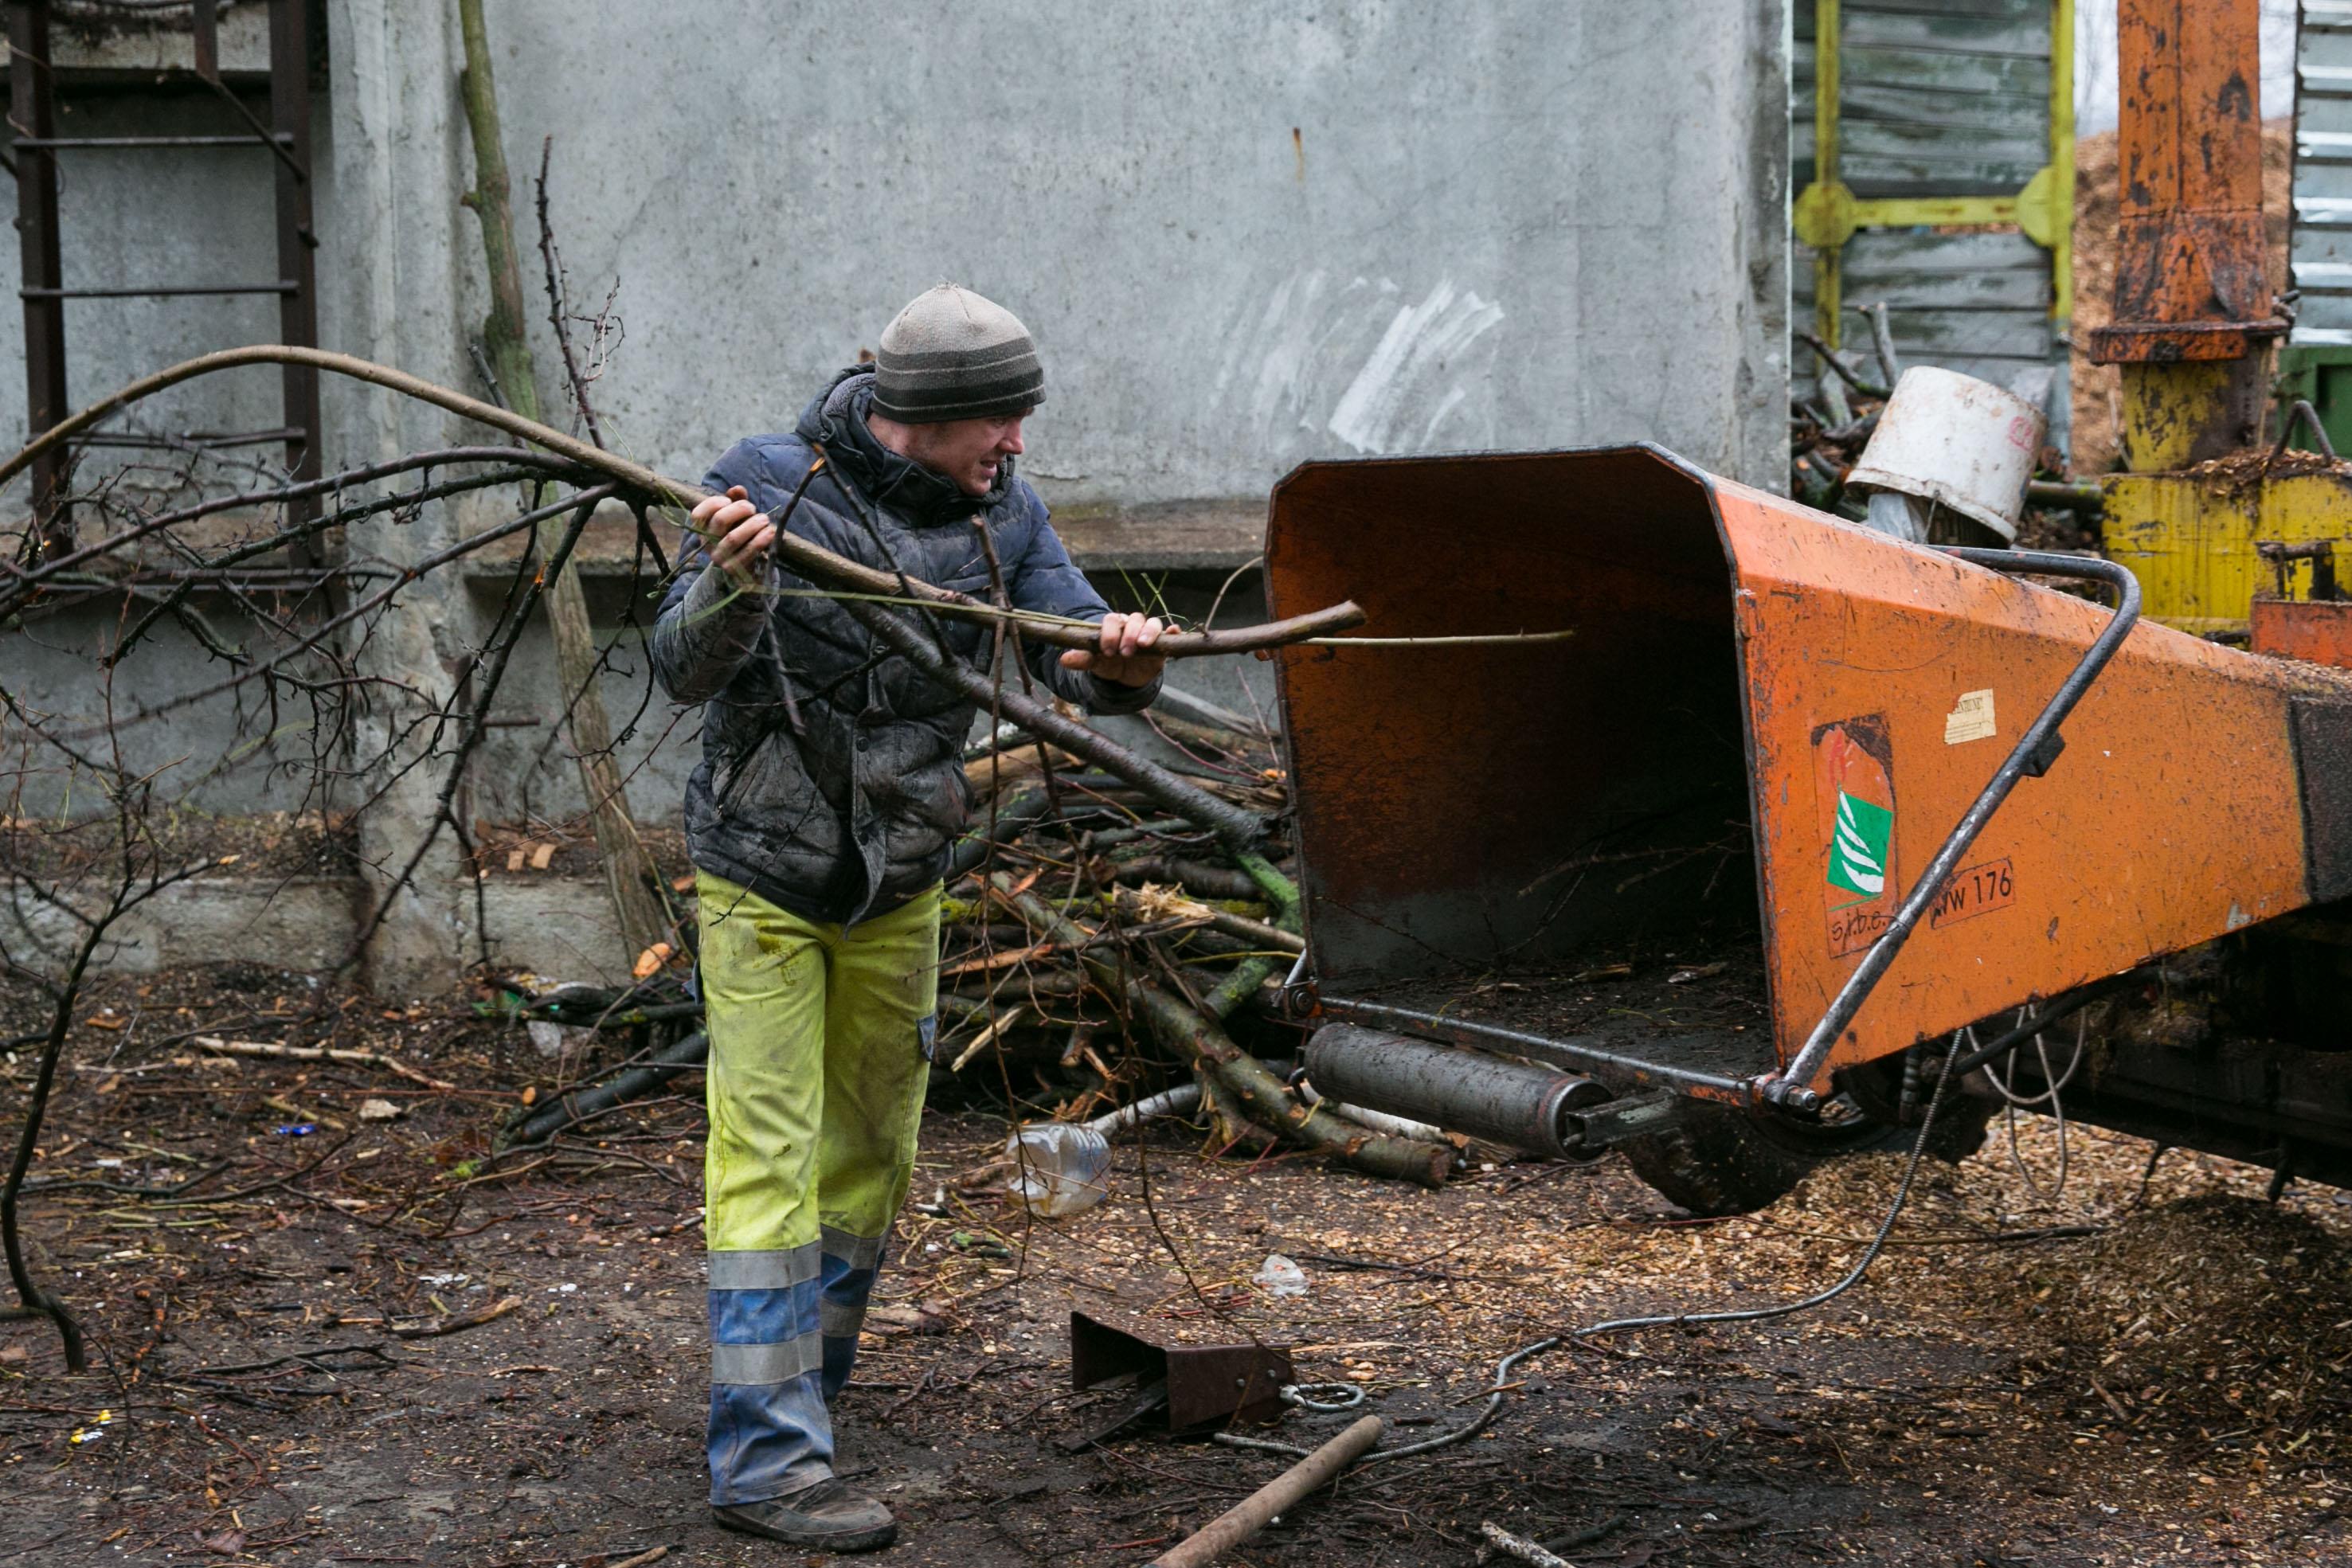 Gunoiul lemnos din Moldova, transformat în bani cu ajutorul